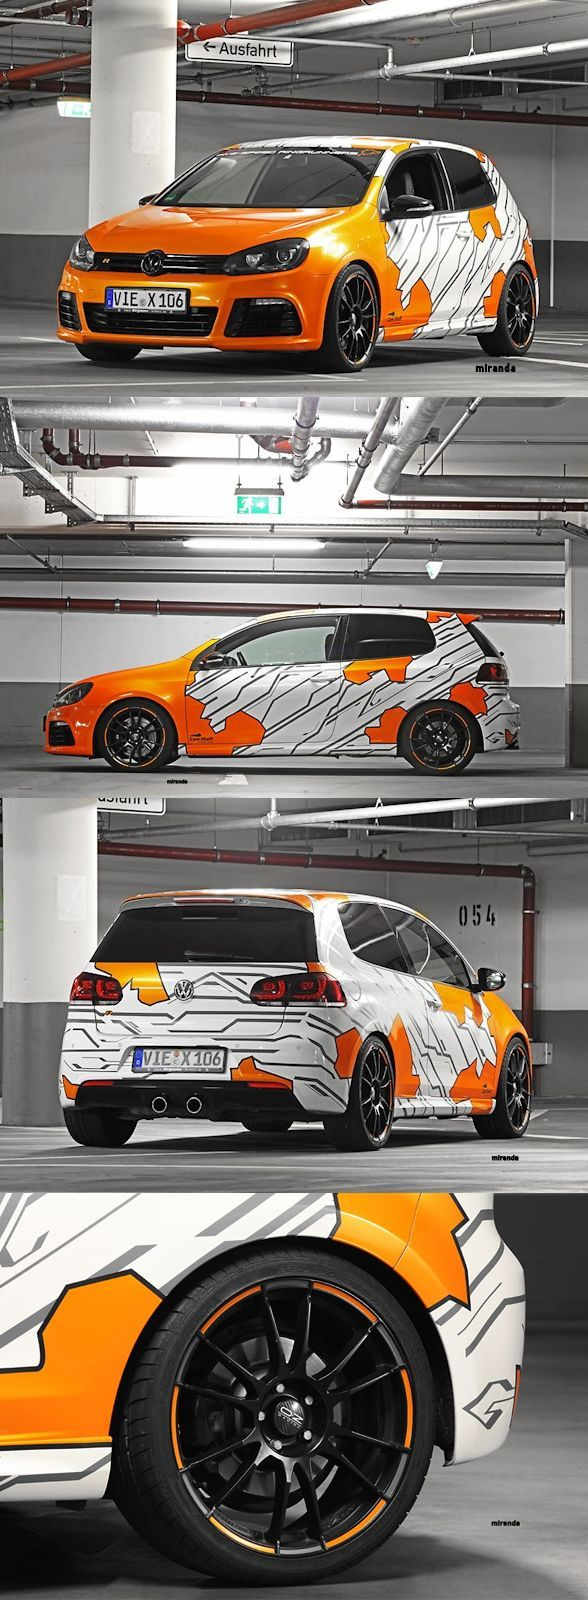 Folie Auto Mago Design, Strada Veseliei, Nr. 5A, sector 5, București ...